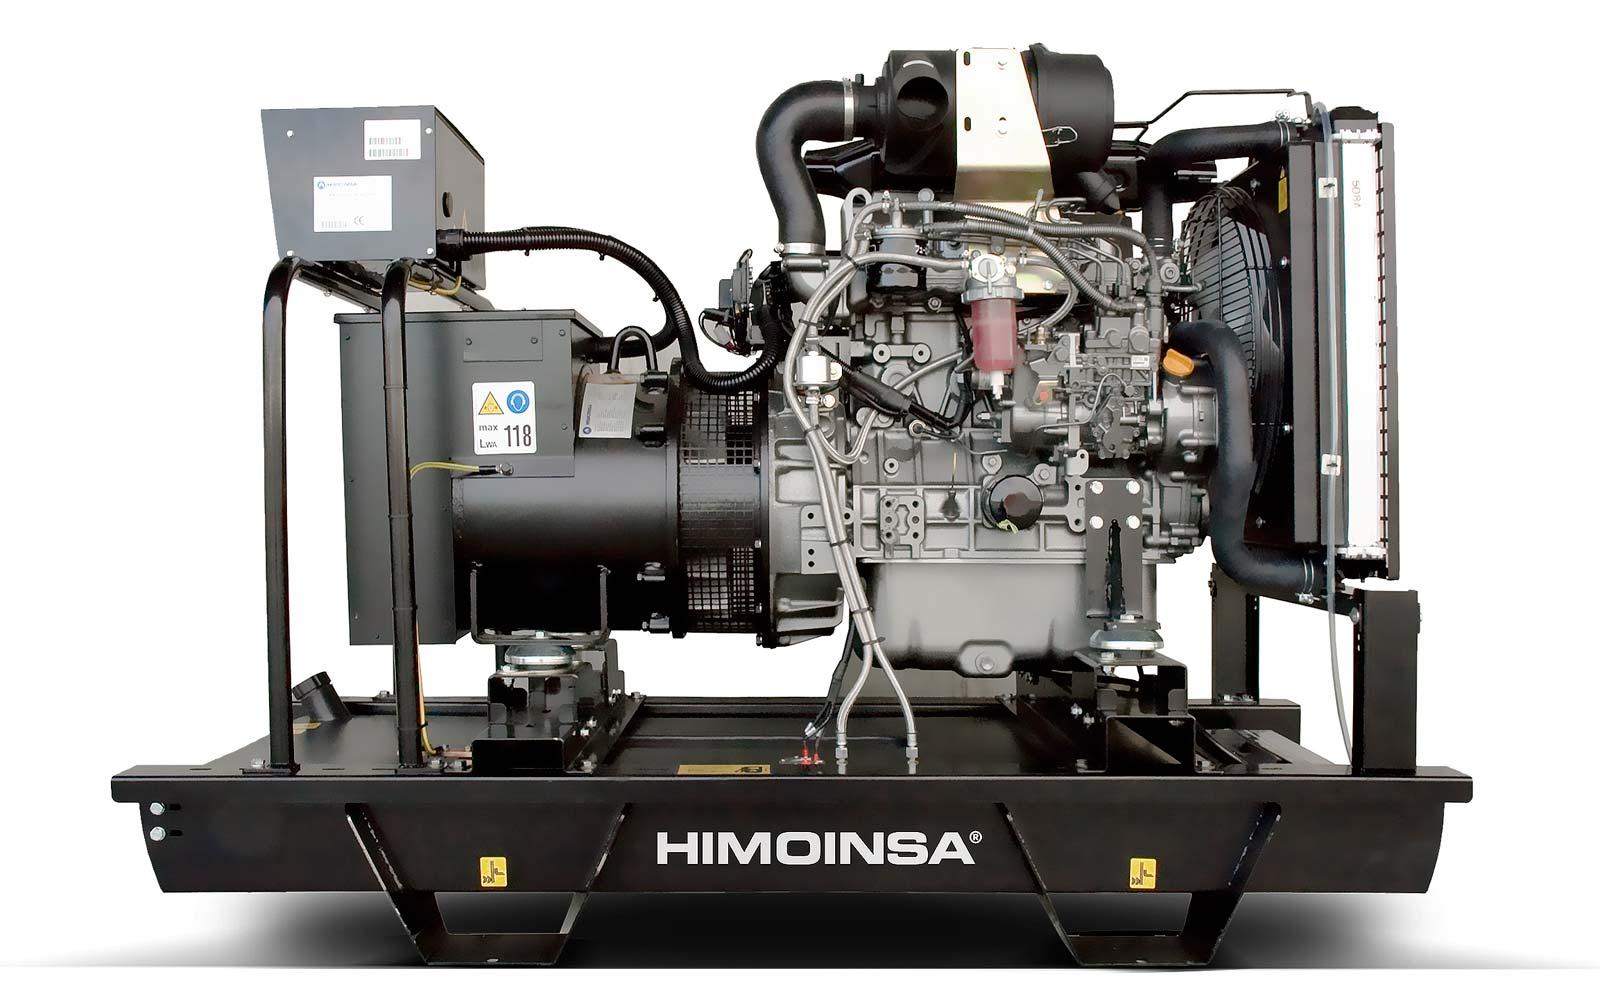 дизельная электростанция himoinsa hyw-25 m5